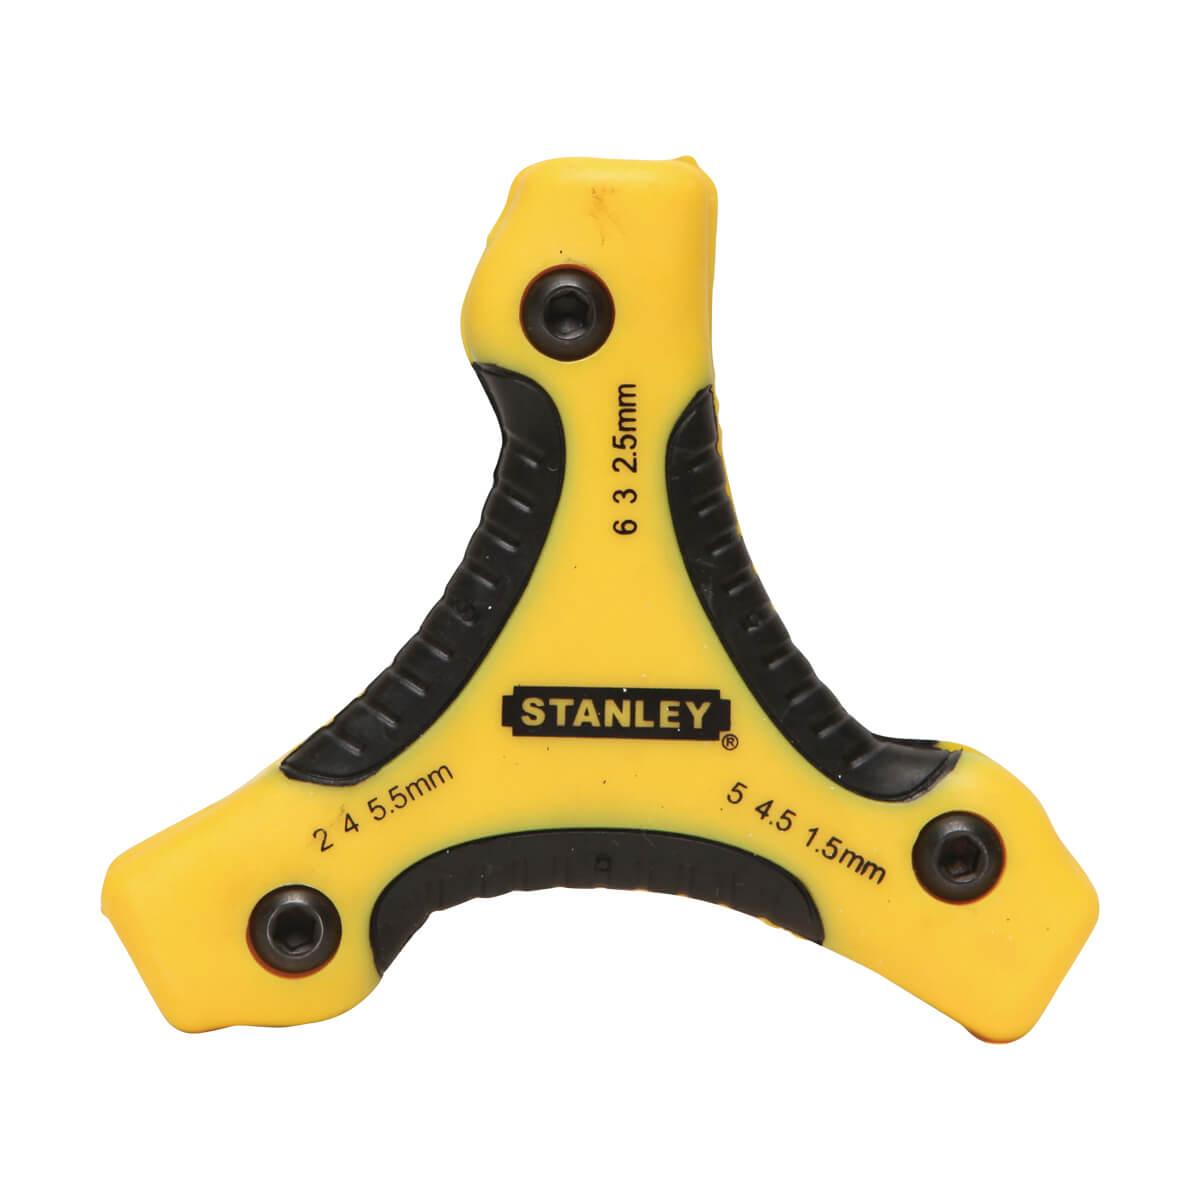 Stanley Folding Hex Key Set 9 pc. - METRIC